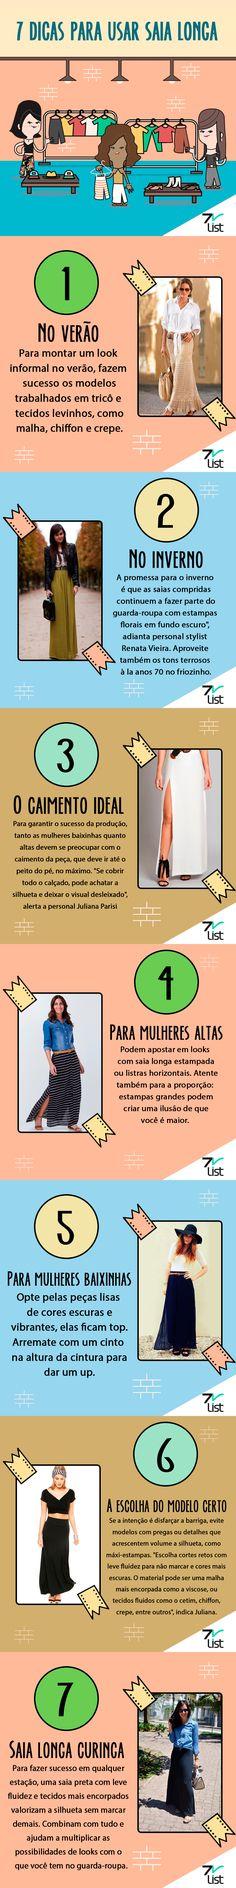 7 Dicas para usar saia longa